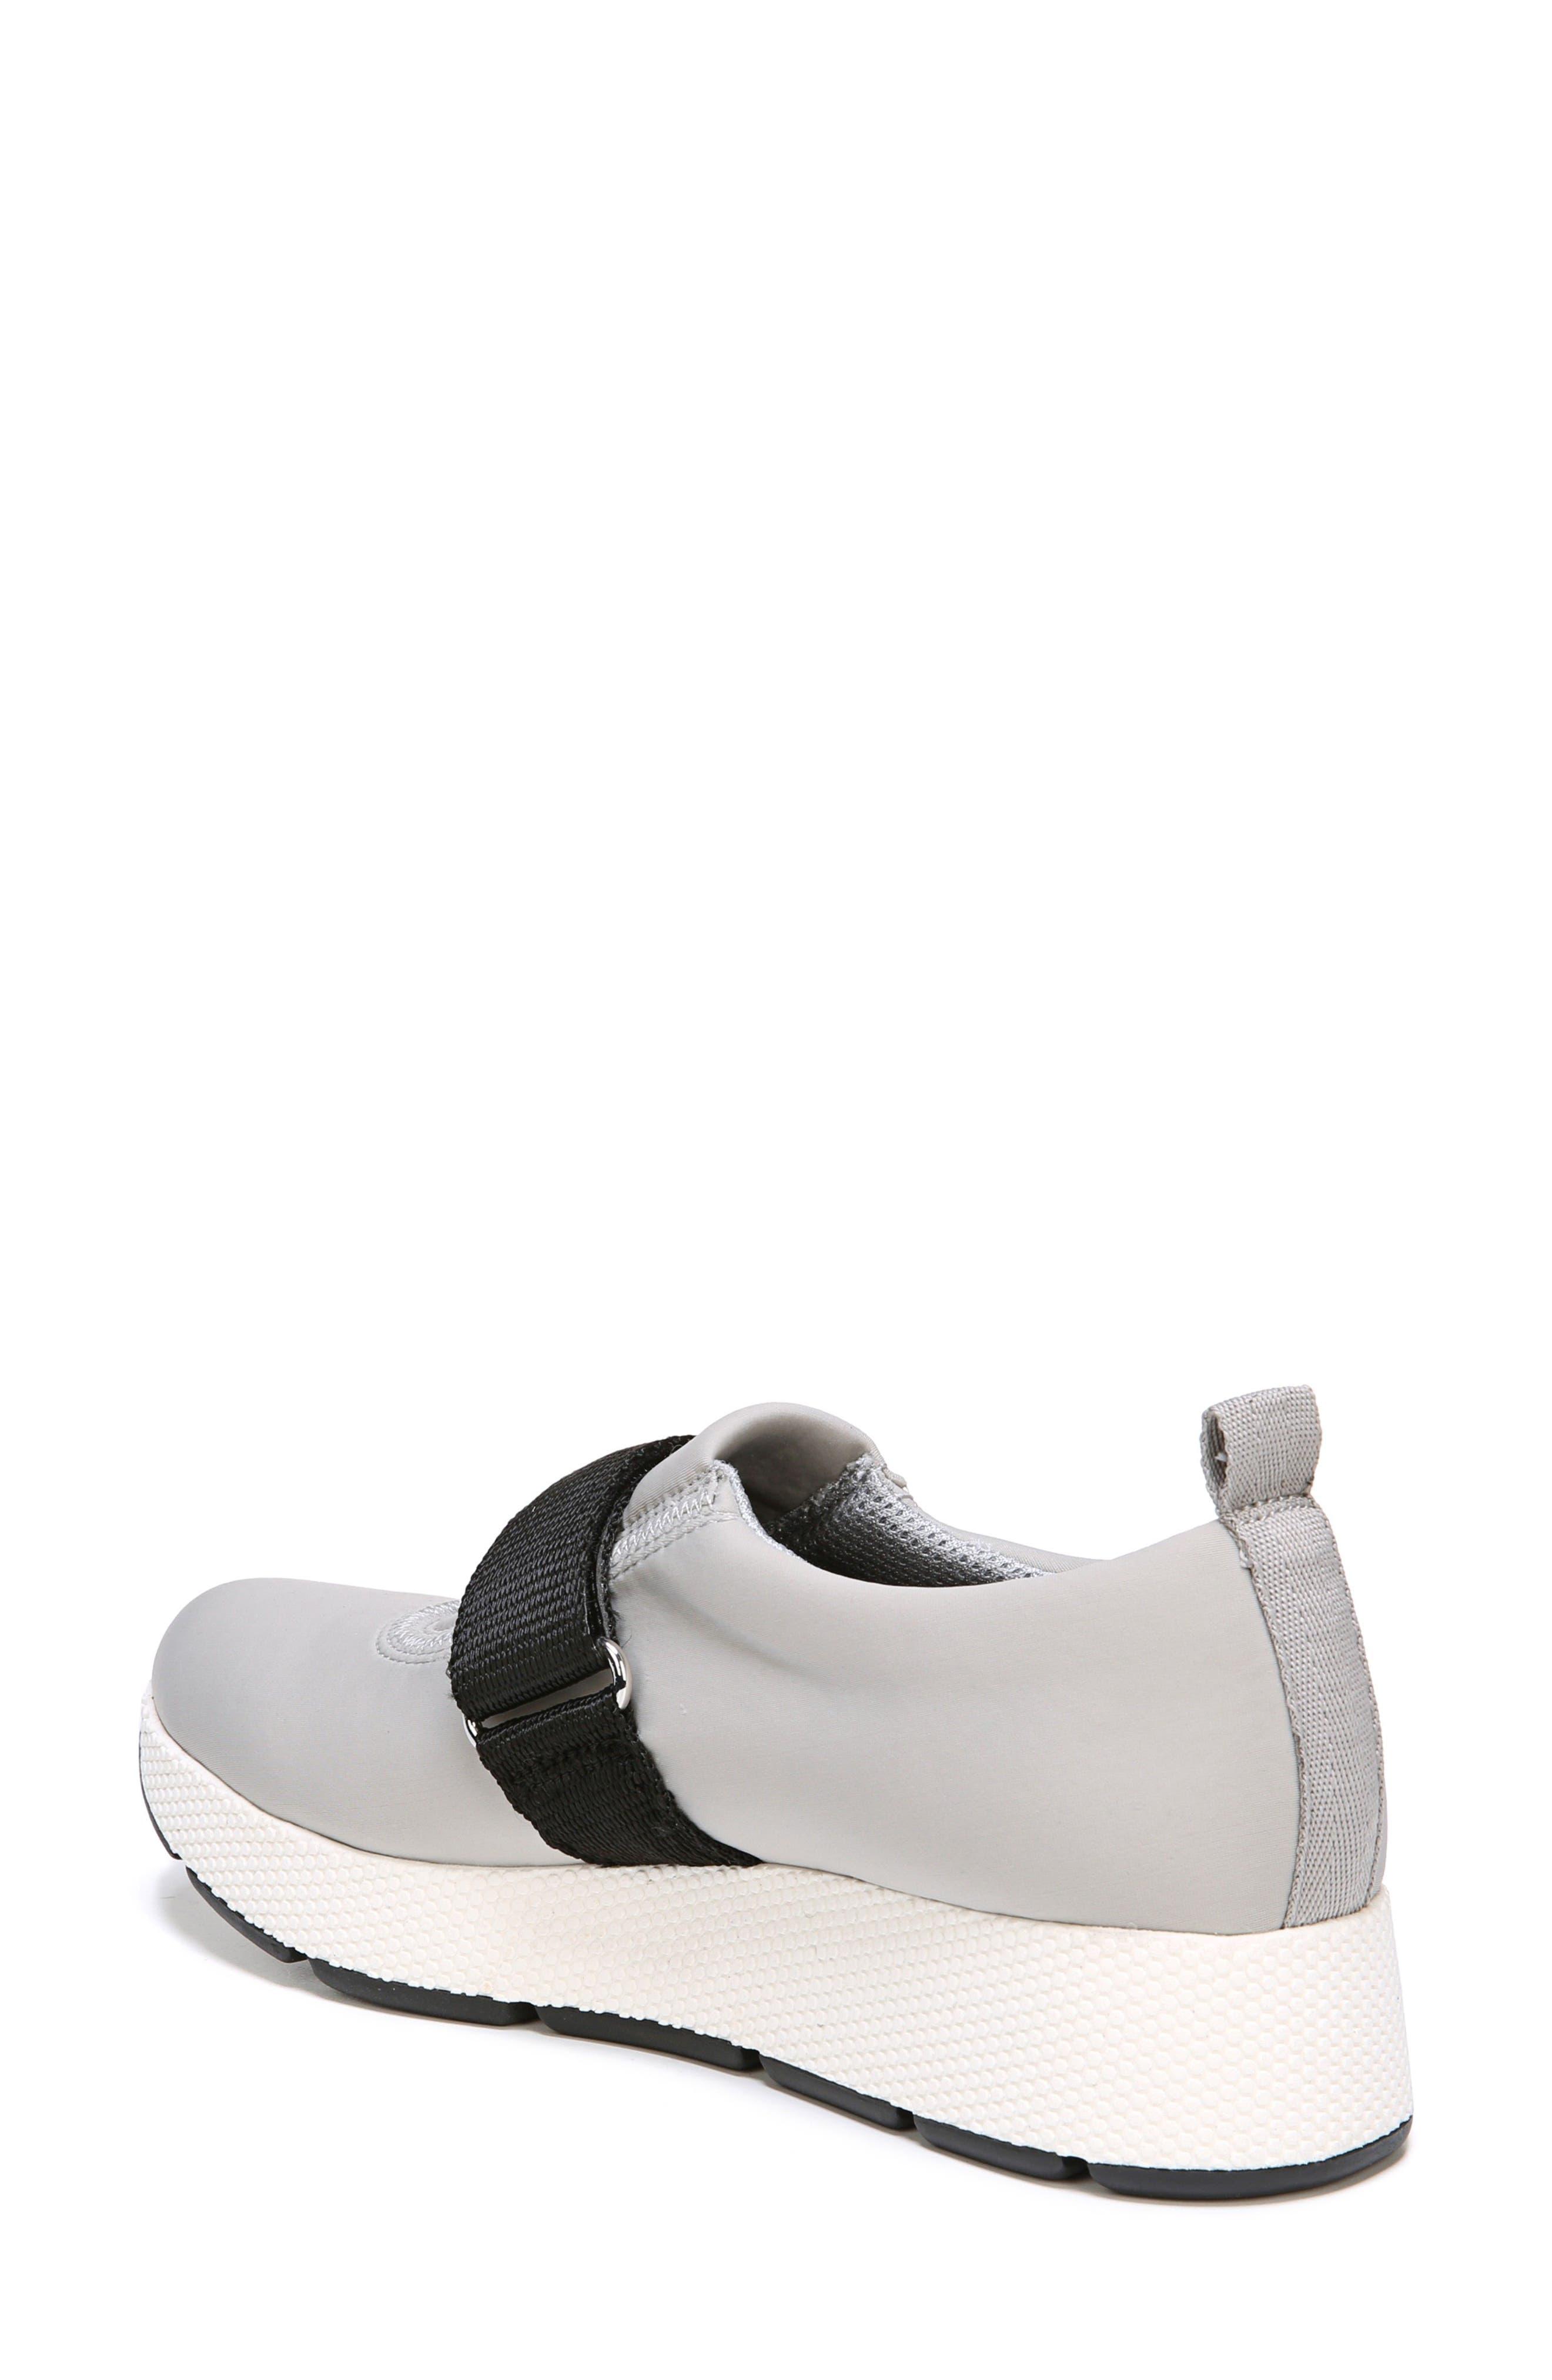 Alternate Image 2  - SARTO by Franco Sarto Odella Slip-On Sneaker (Women)